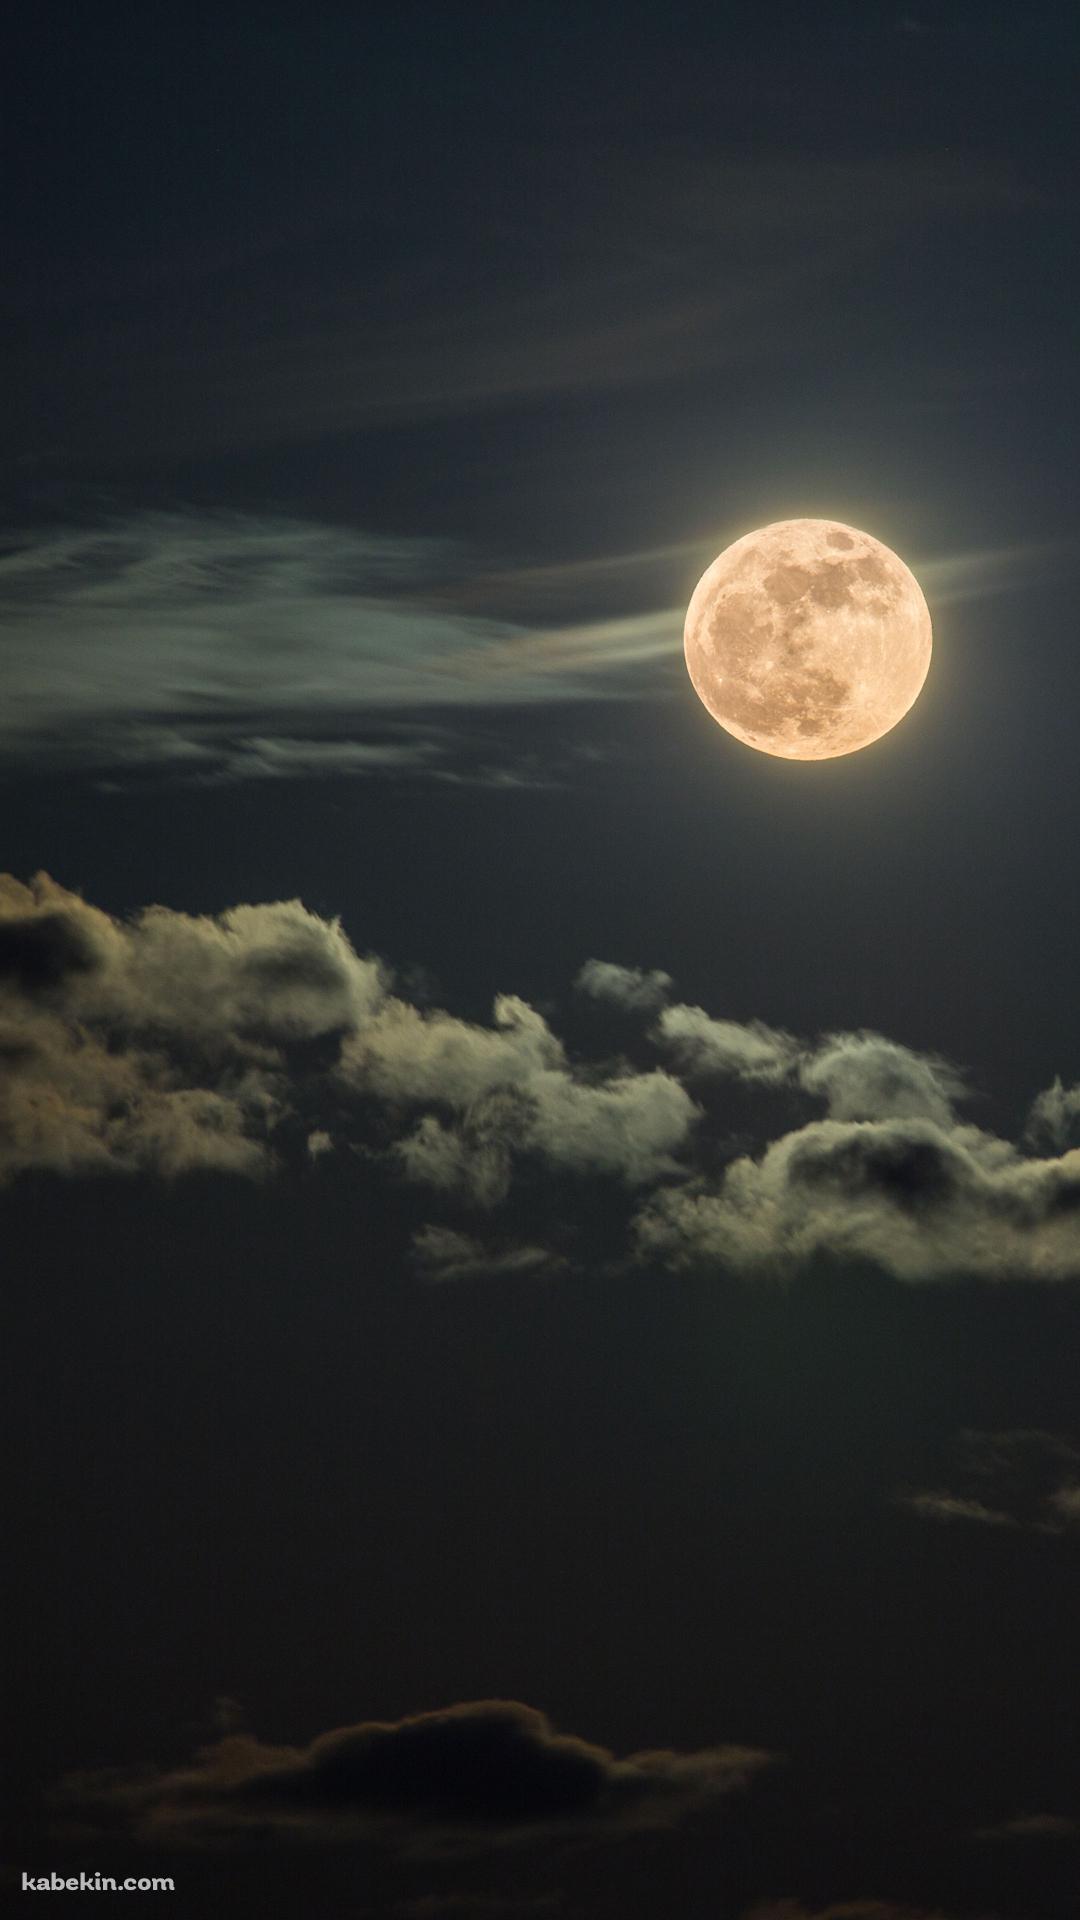 満月の夜のandroid壁紙 1080 X 19 壁紙キングダム スマホ版